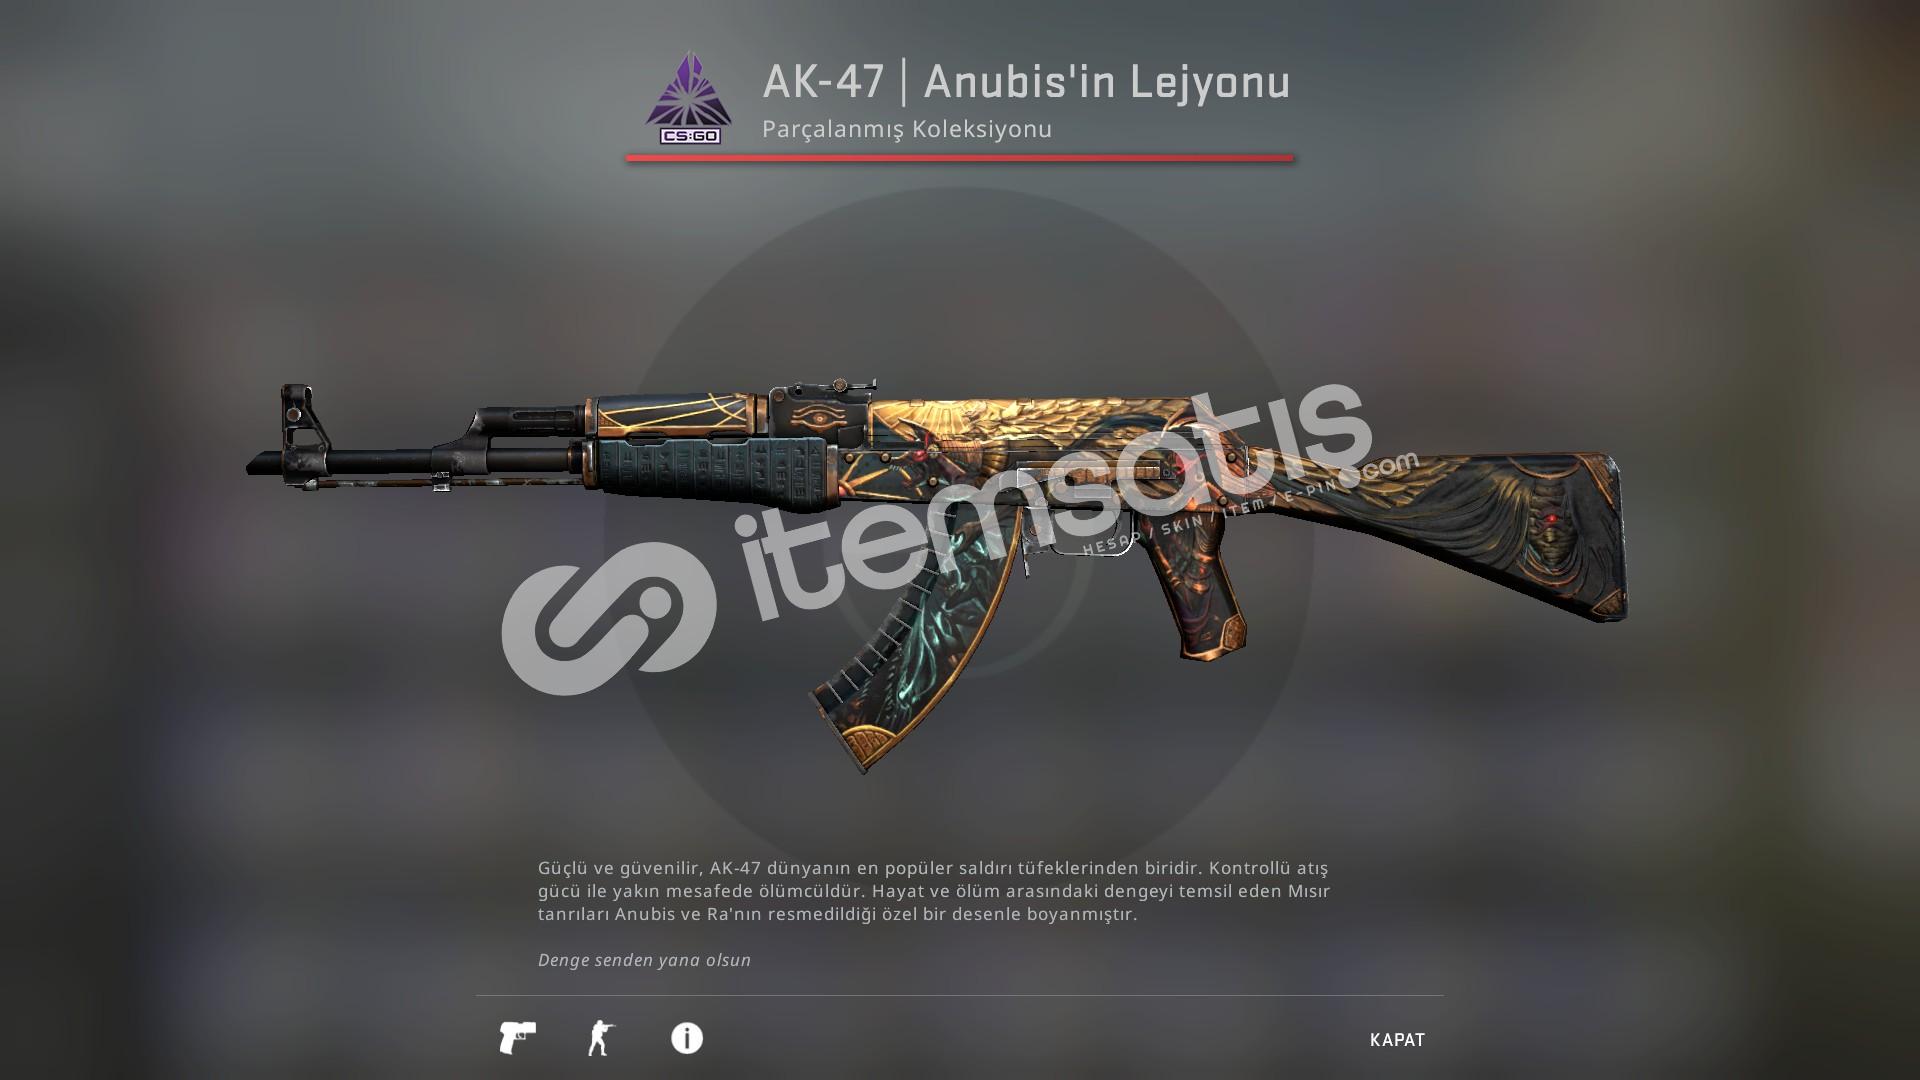 AK-47 | Anubis'in Lejyonu (Görevde Kullanılmış)